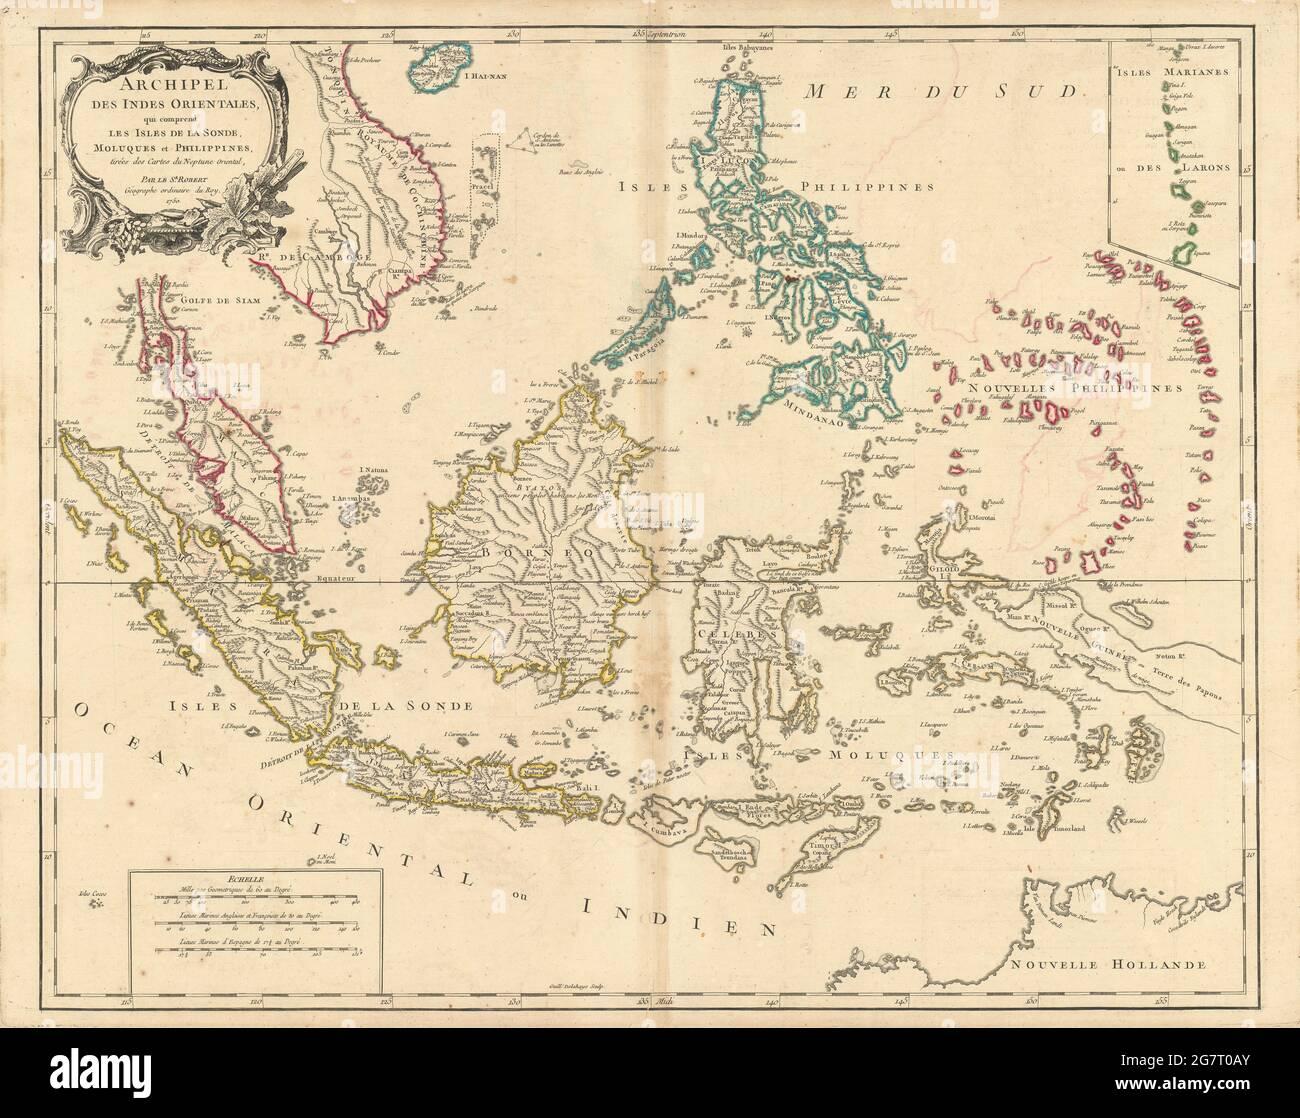 'Archipel des Indes Orientales' E Indies Indonésie Philippines carte DE VAUGONDY 1750 Banque D'Images